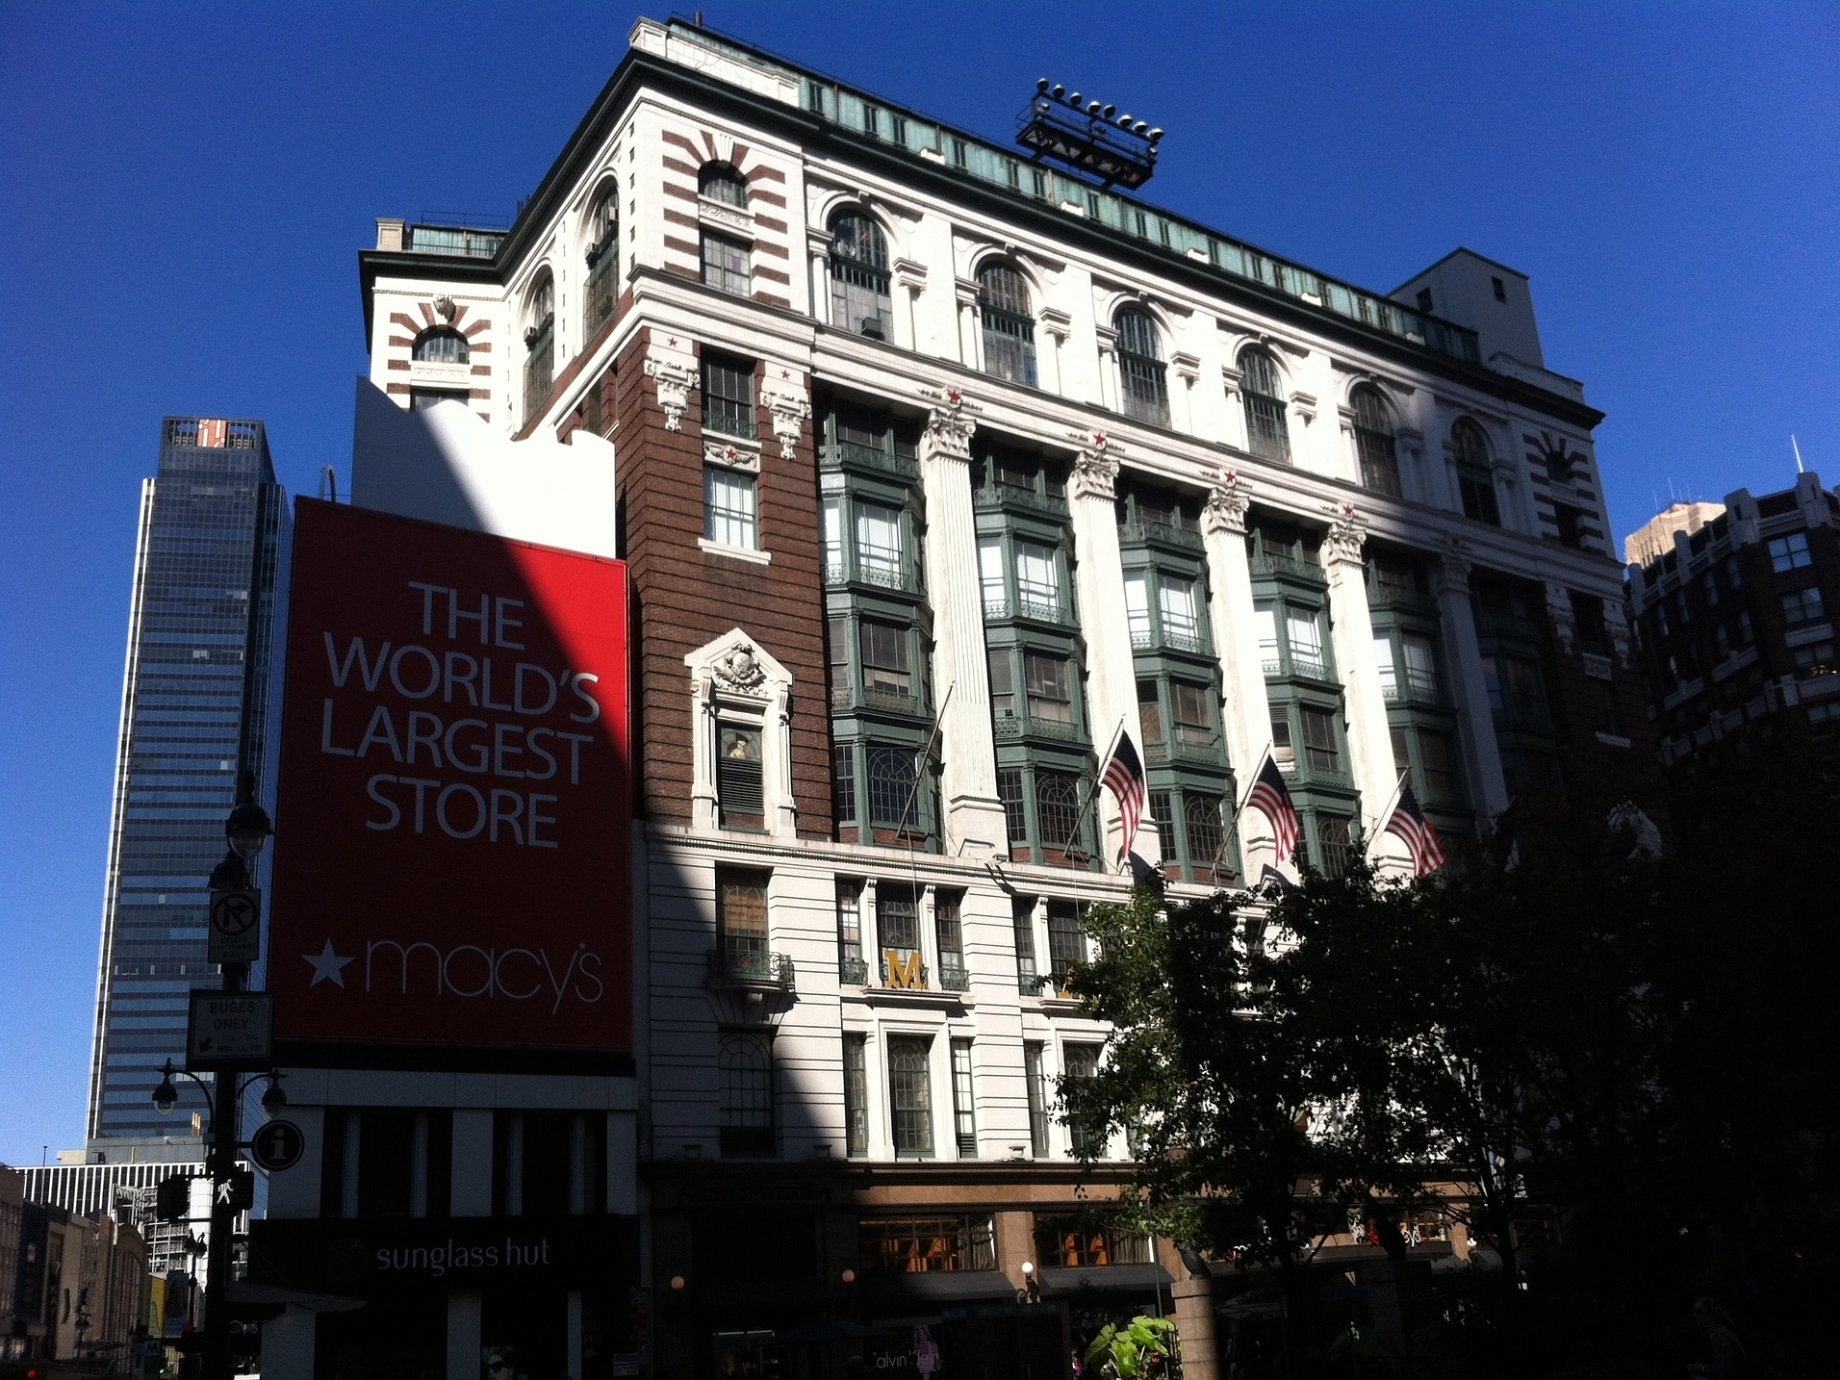 世界最大百貨商店也被迫斷臂求生,究竟什麼樣的零售店才能代表未來?